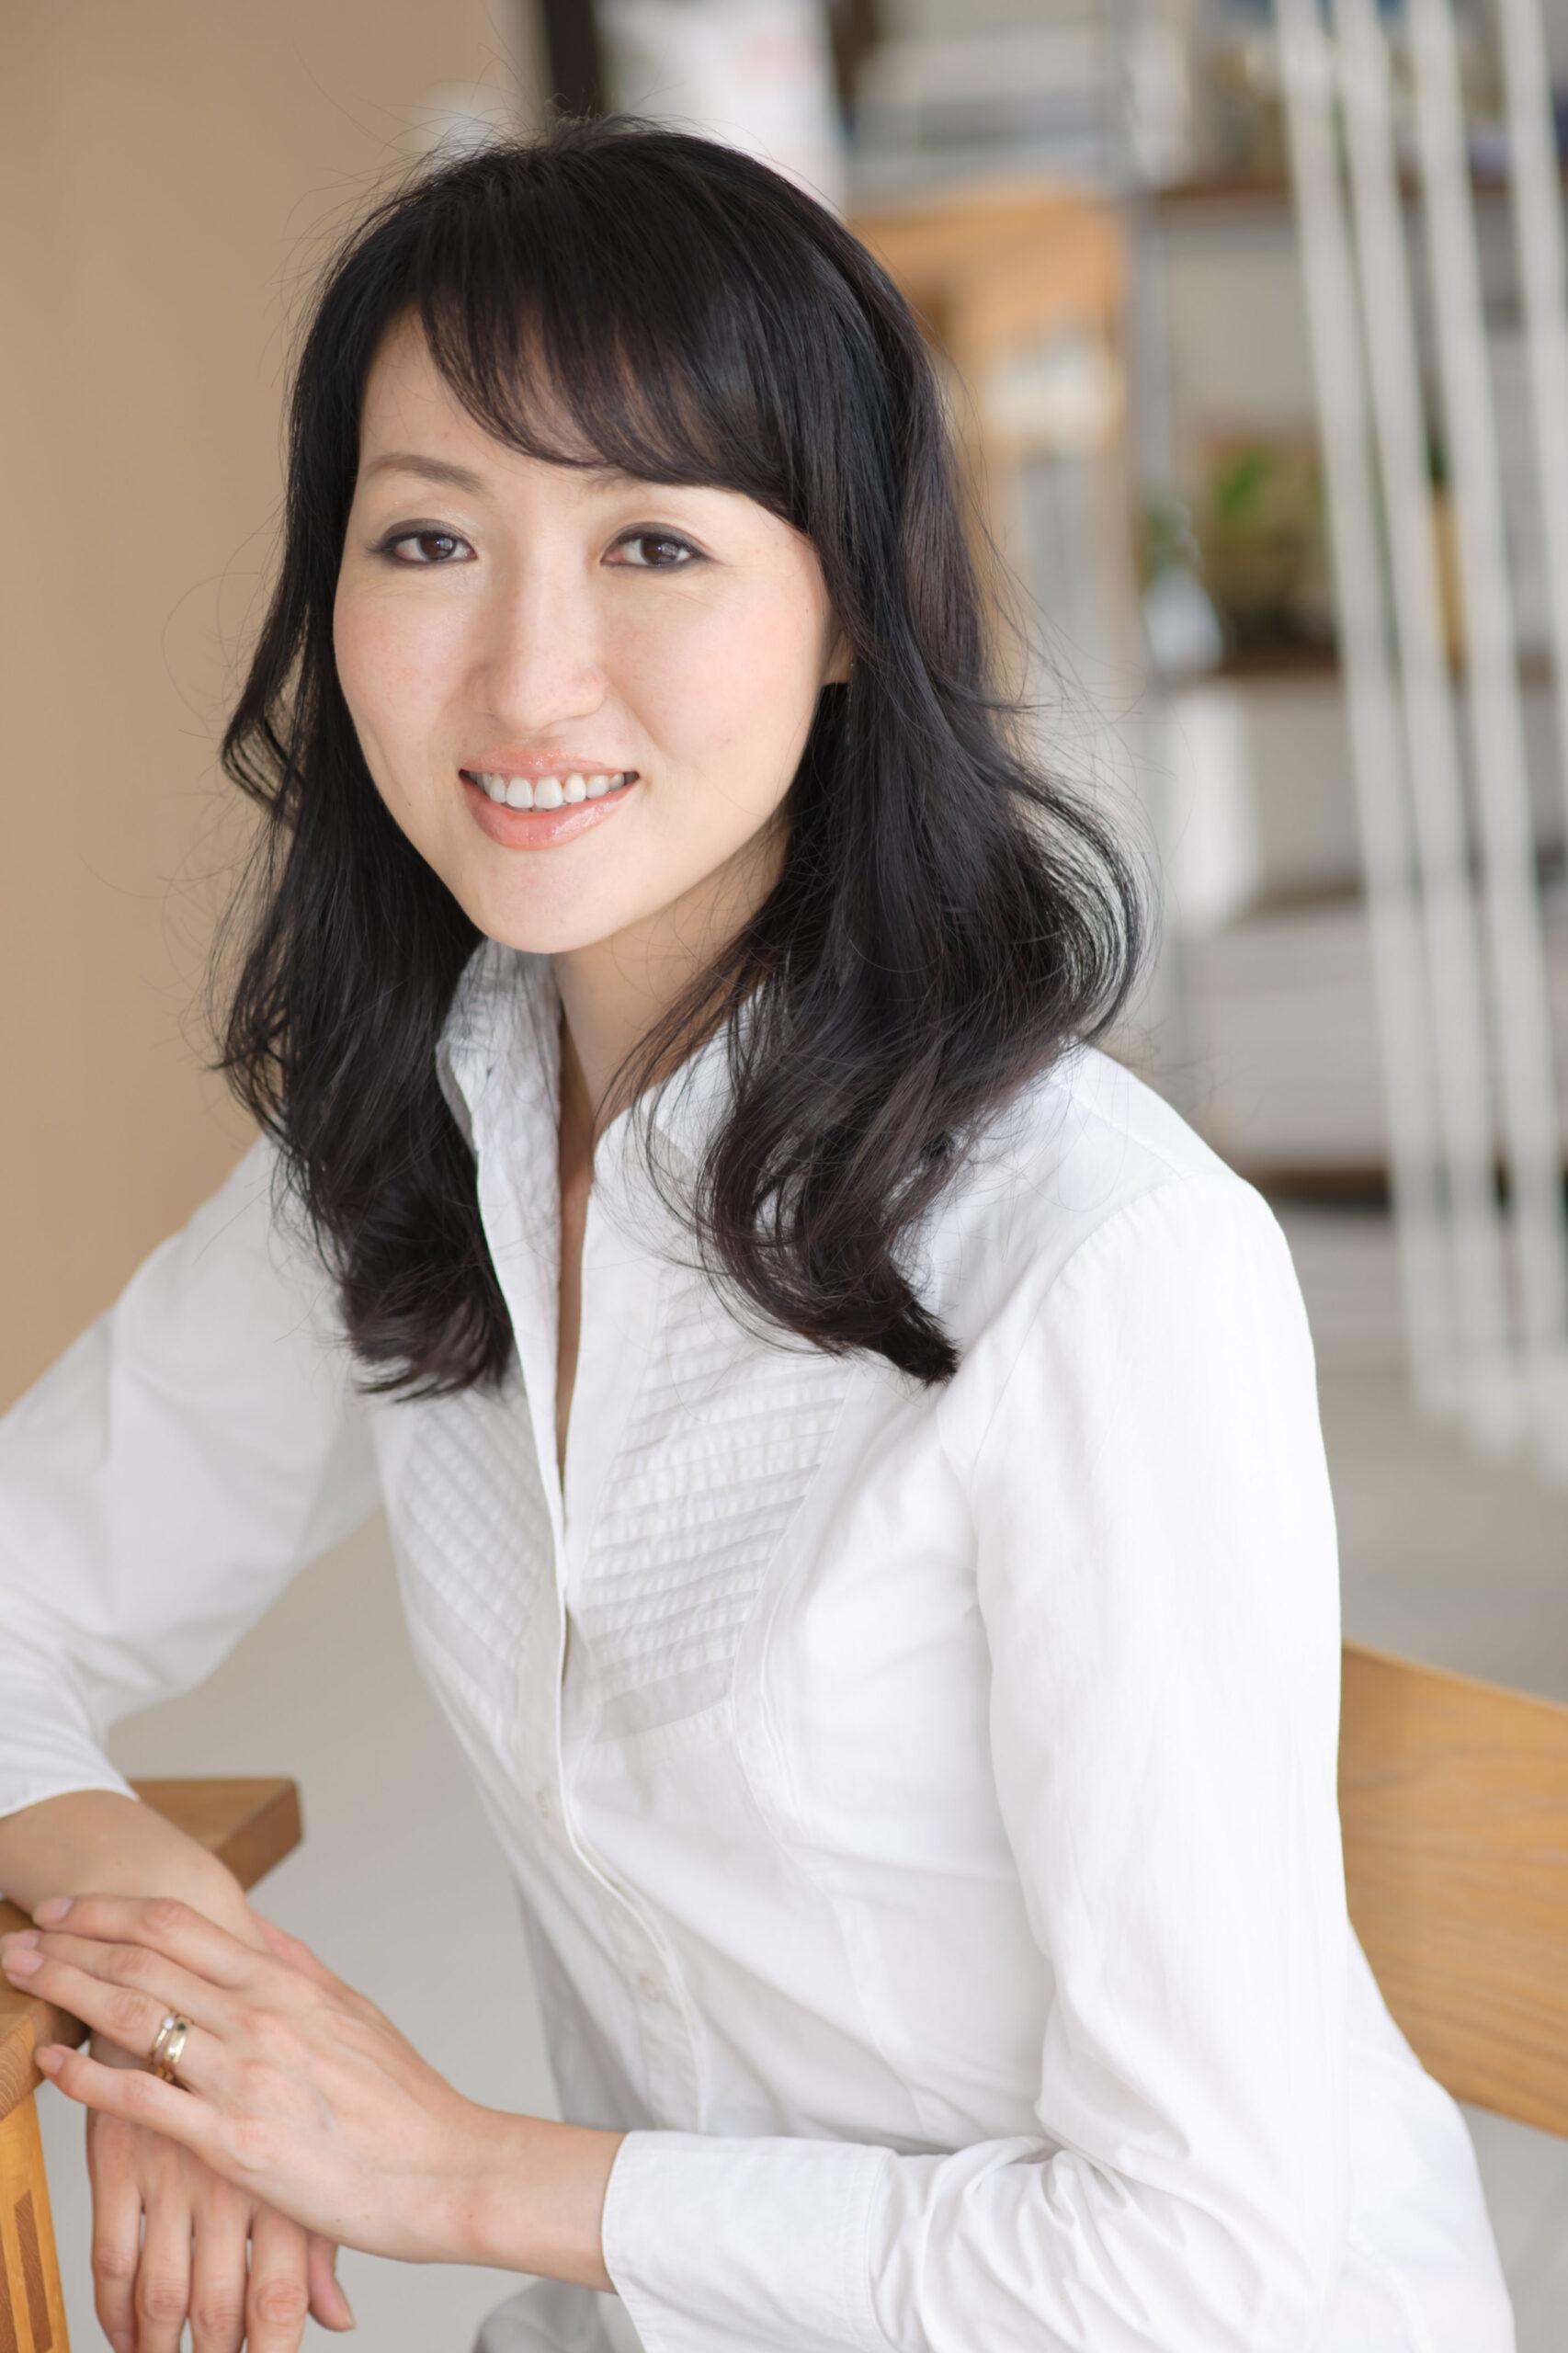 髙岡よしみ 運動指導 歩行インストラクター 一般社団法人日本姿勢と歩き方協会代表理事 肥満予防健康管理士